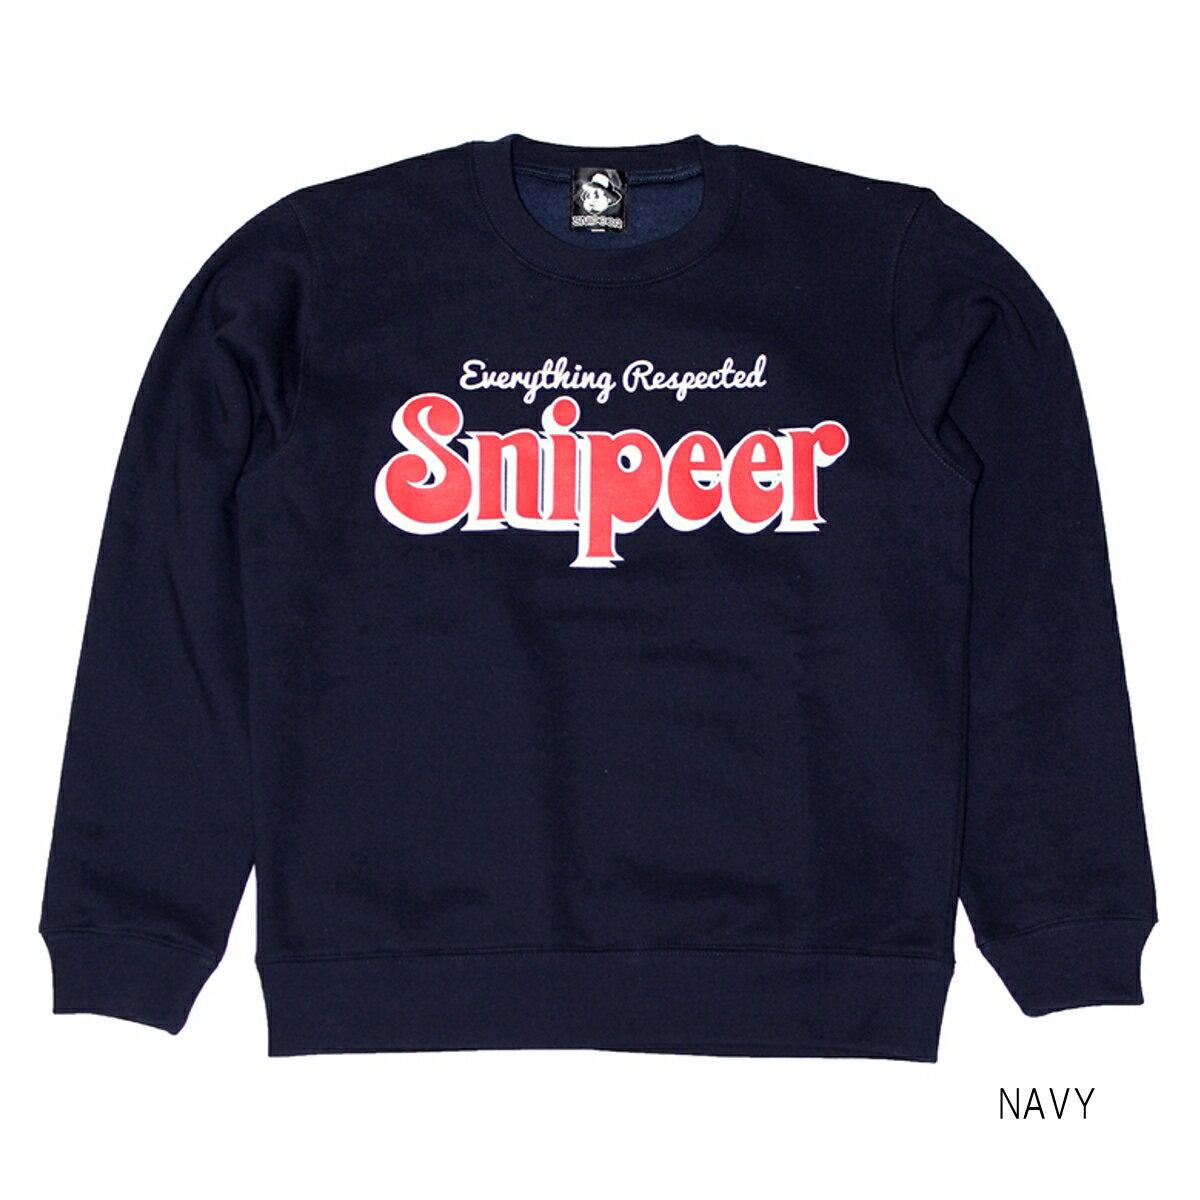 逆輸入 S-LIDER NAVY SWEAT SNP-SW002-N XL SNP-SW002-N XL NAVY, 着物と寝具専門店【久五郎】:085869b8 --- business.personalco5.dominiotemporario.com